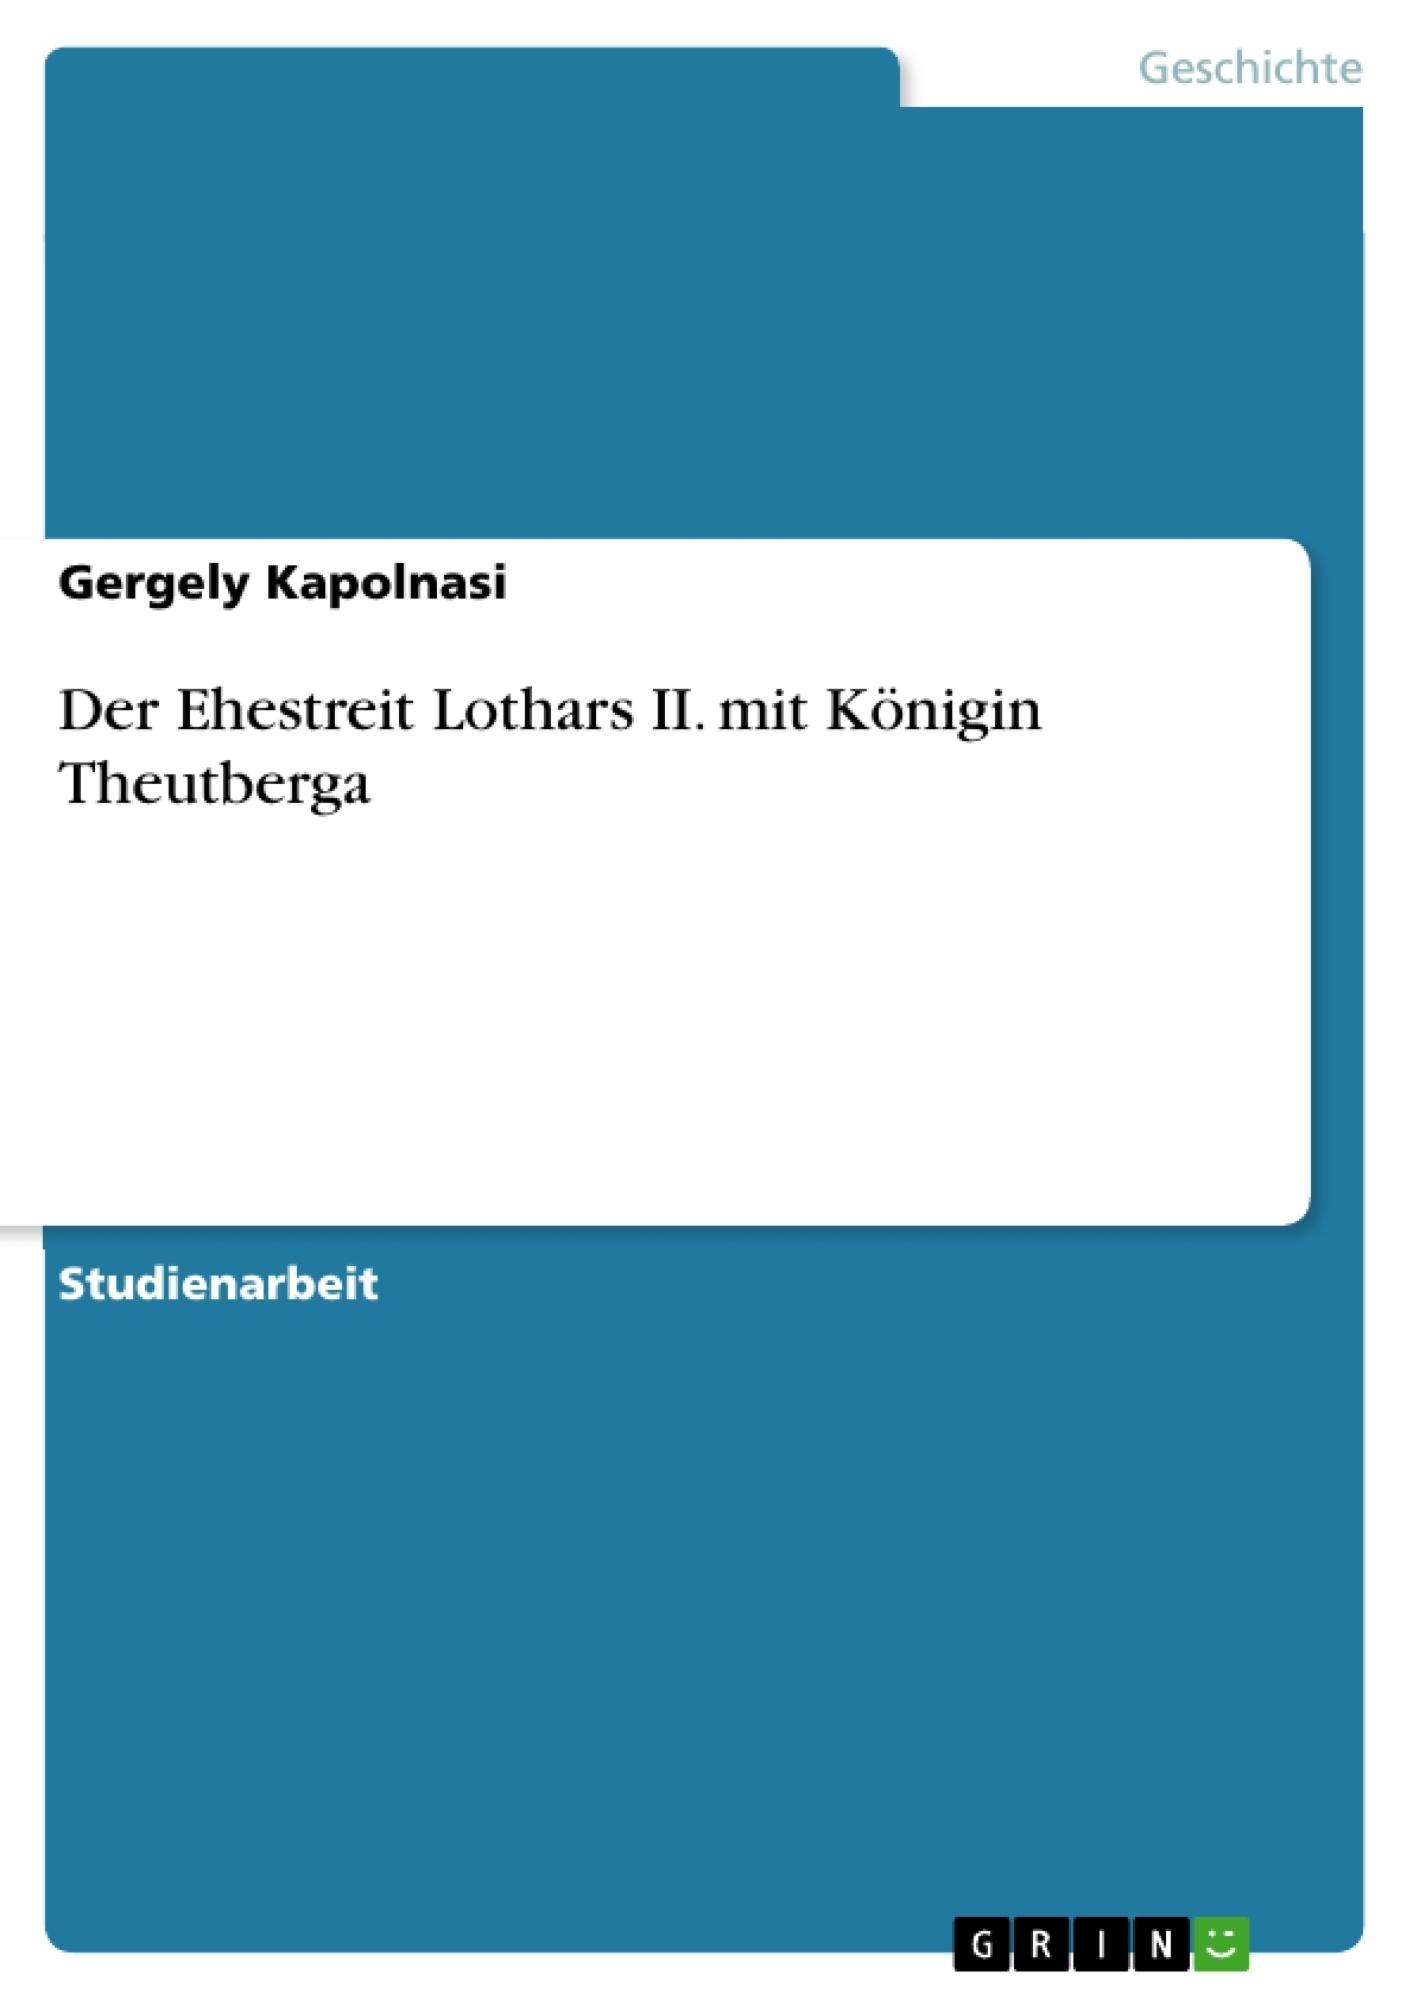 Titel: Der Ehestreit Lothars II. mit Königin Theutberga